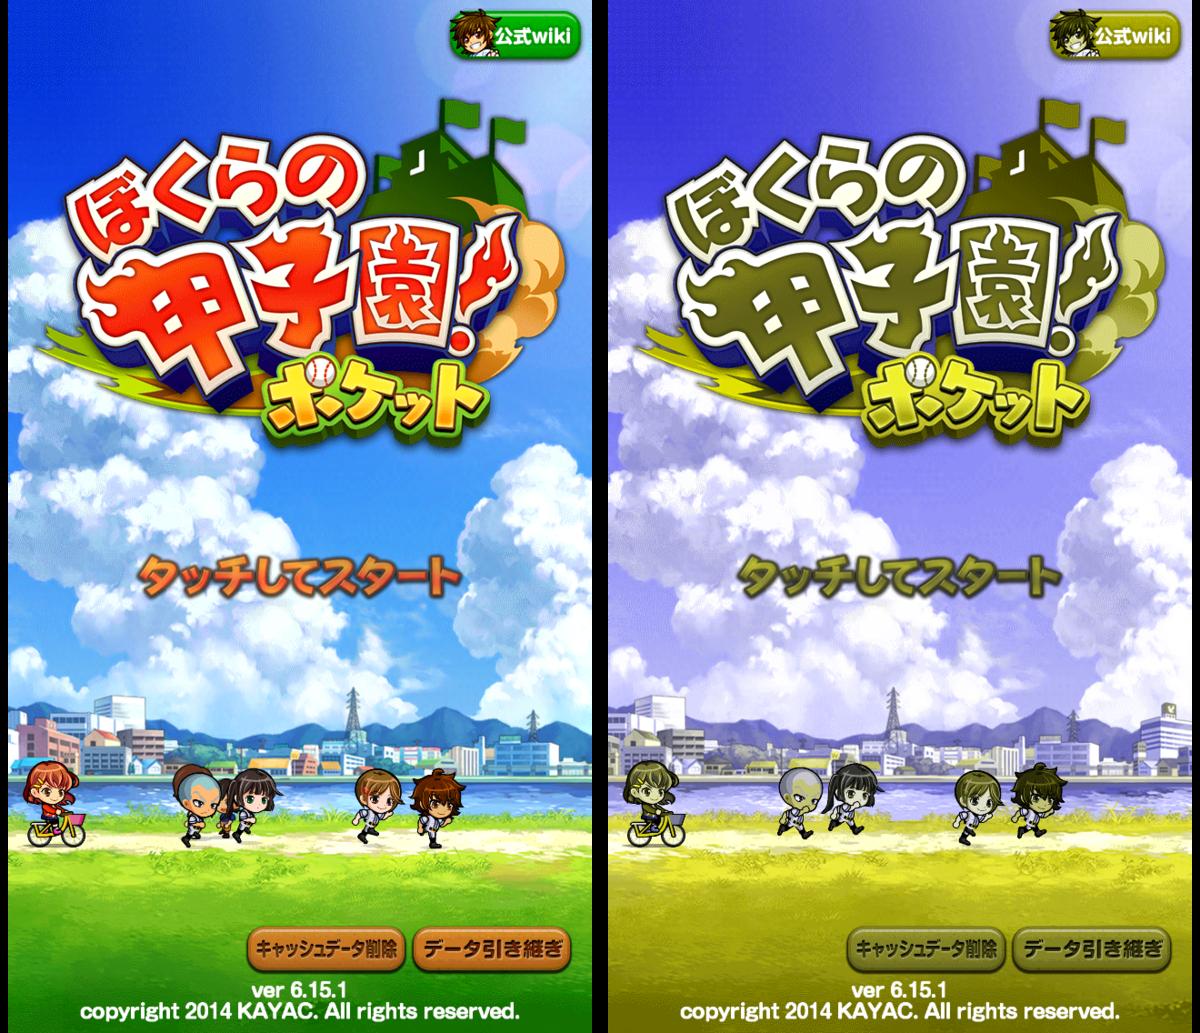 左が元画像、右が1型2色覚のシミュレート結果